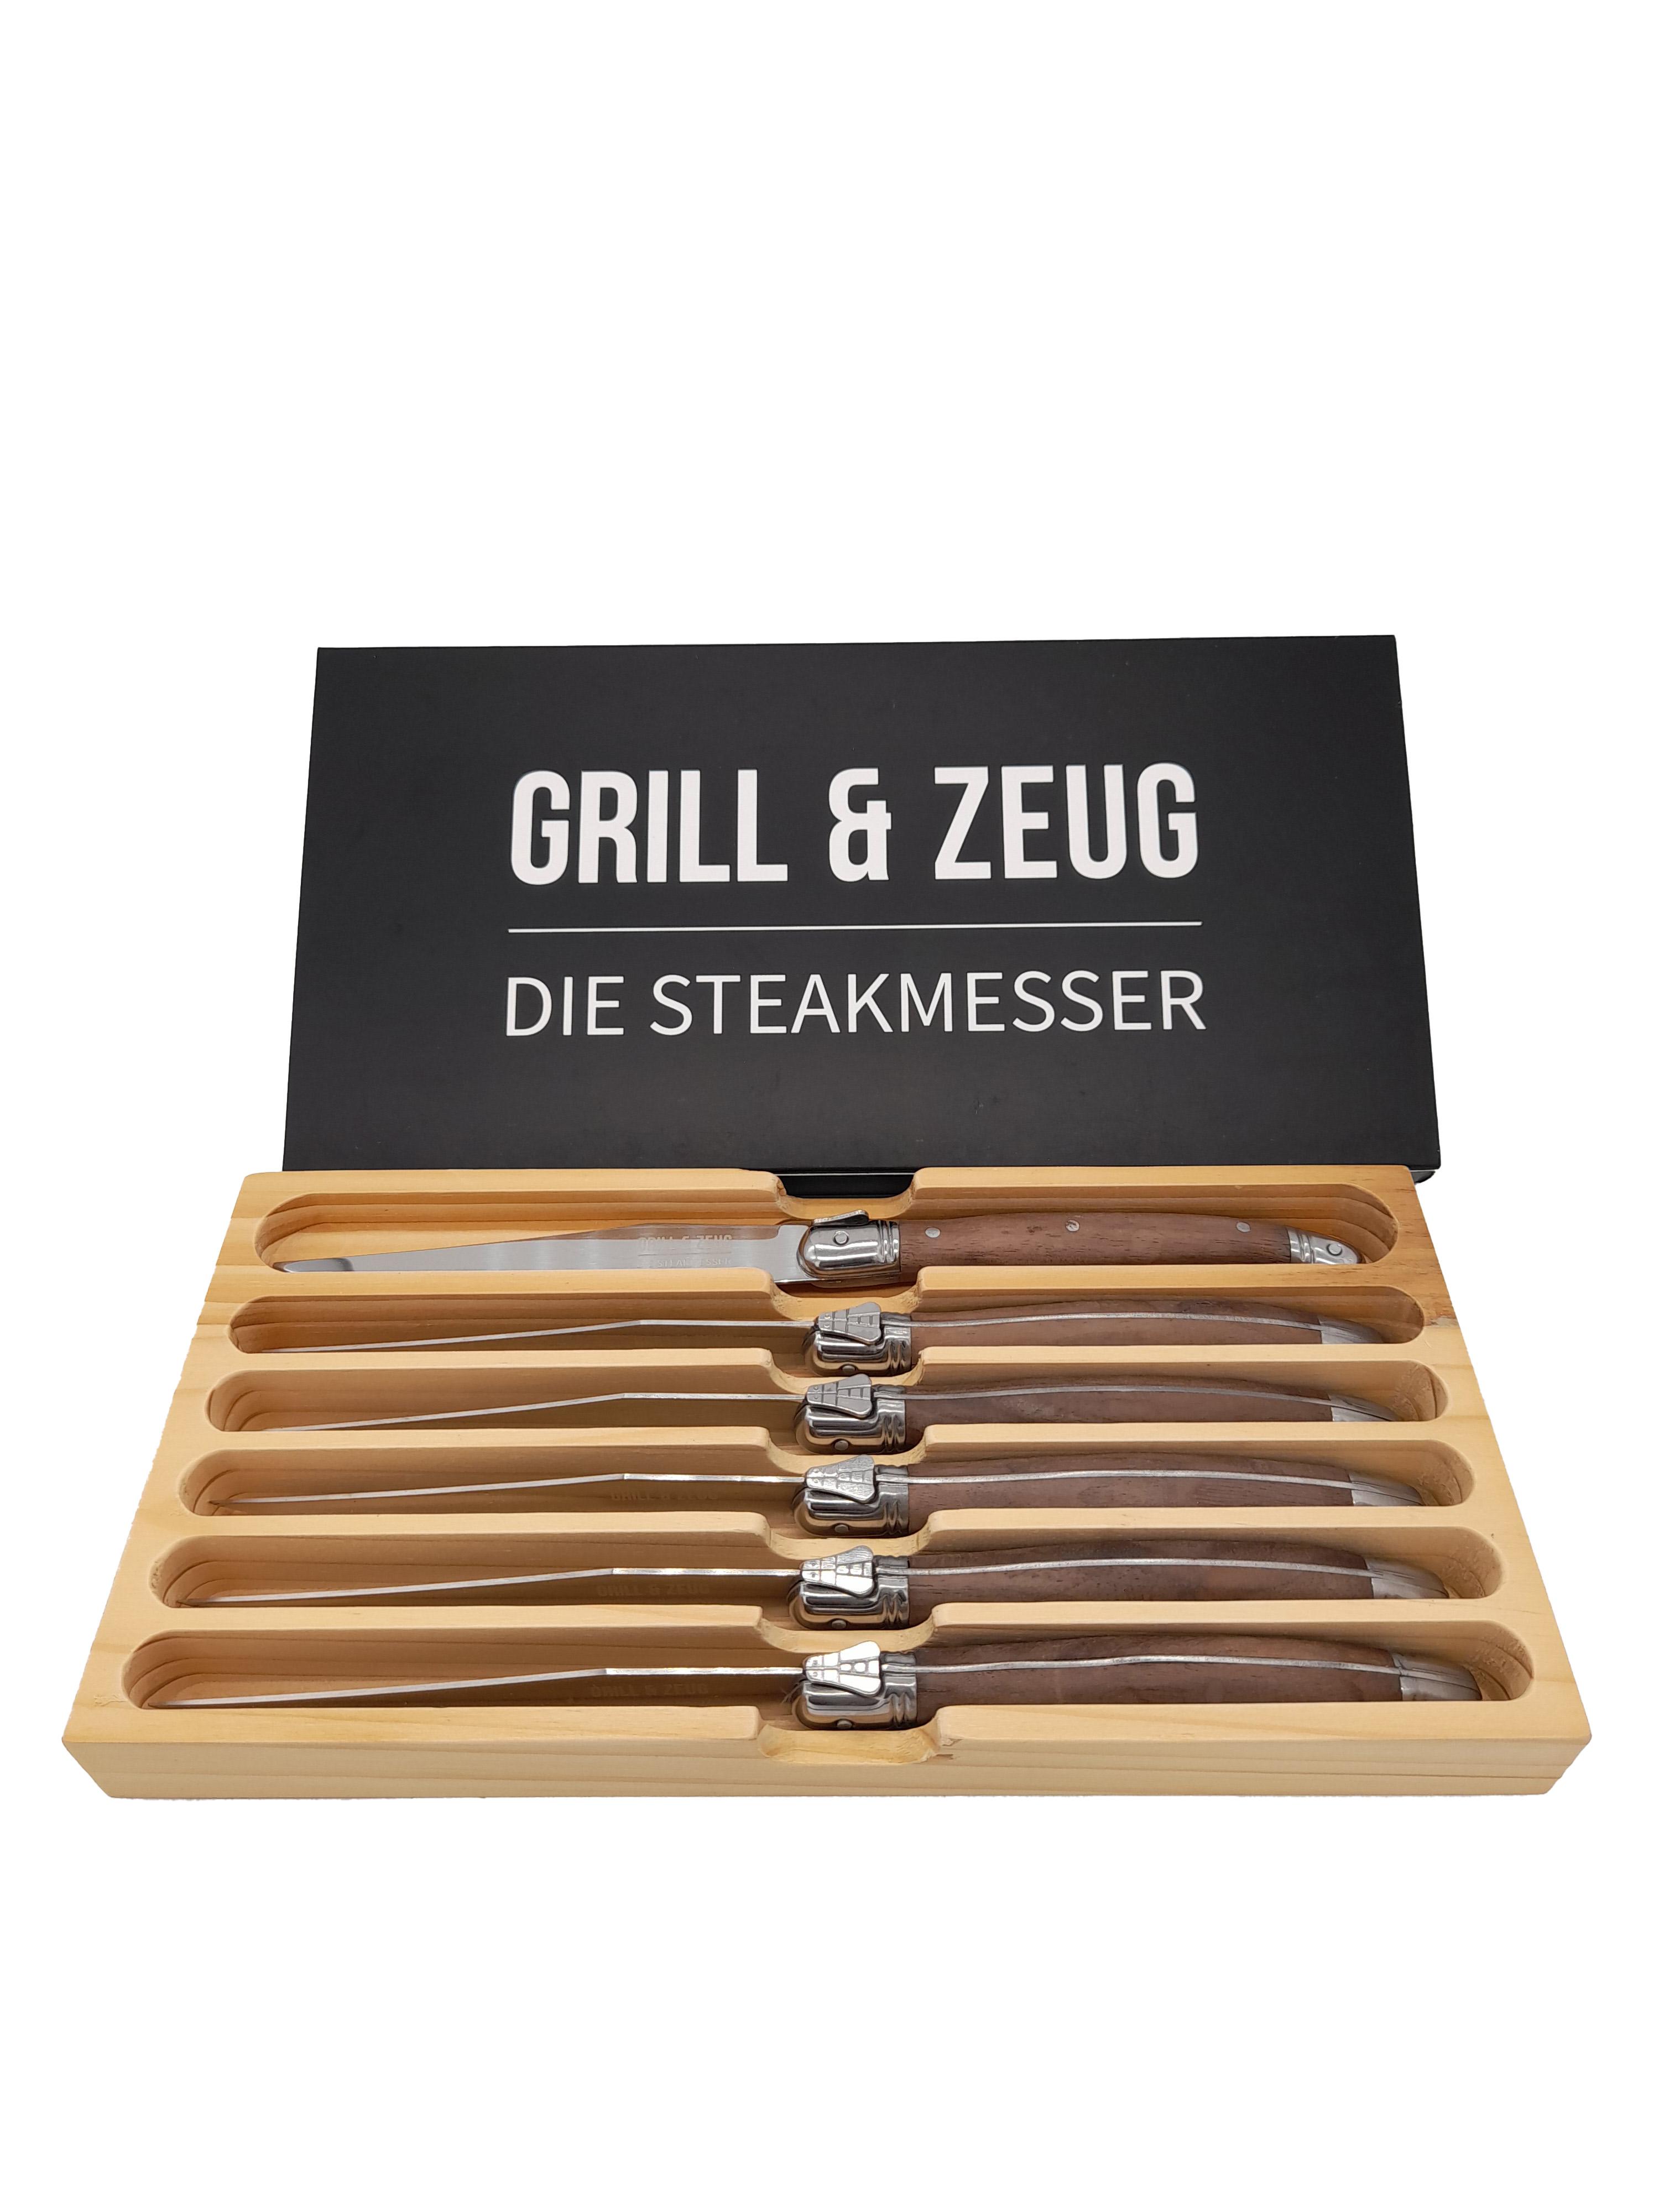 Grill & Zeug Die Steakmesser, Messer-Set (6 Stück) in Holzverpackung